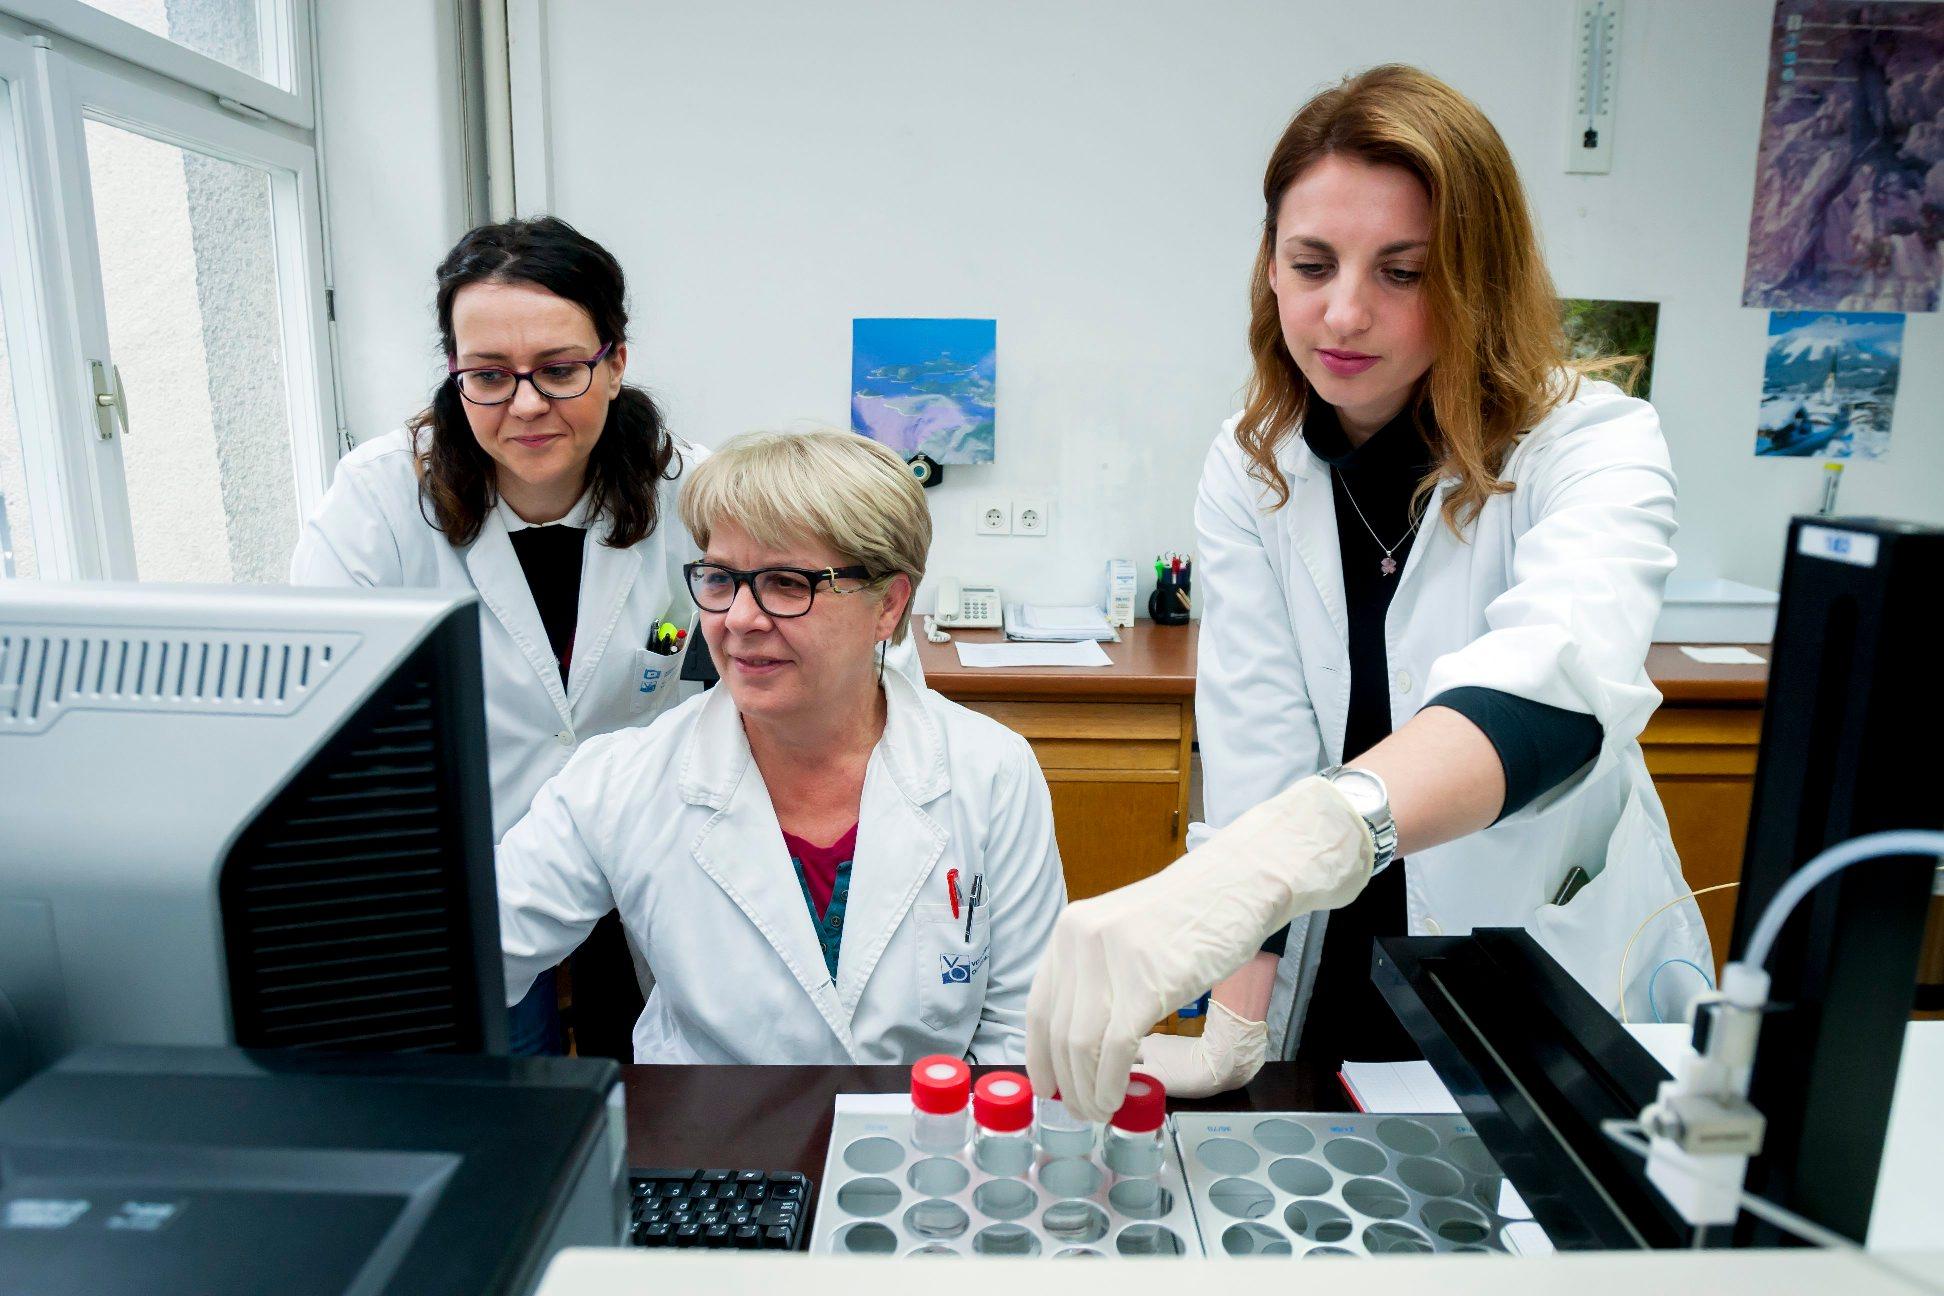 Ana Ivanišević, šefica odjela kemijskog laboratorija, Tomislava Zinić, kemijska tehničarka, Ivana Čigir, tehnologinja za kvalitetu vode